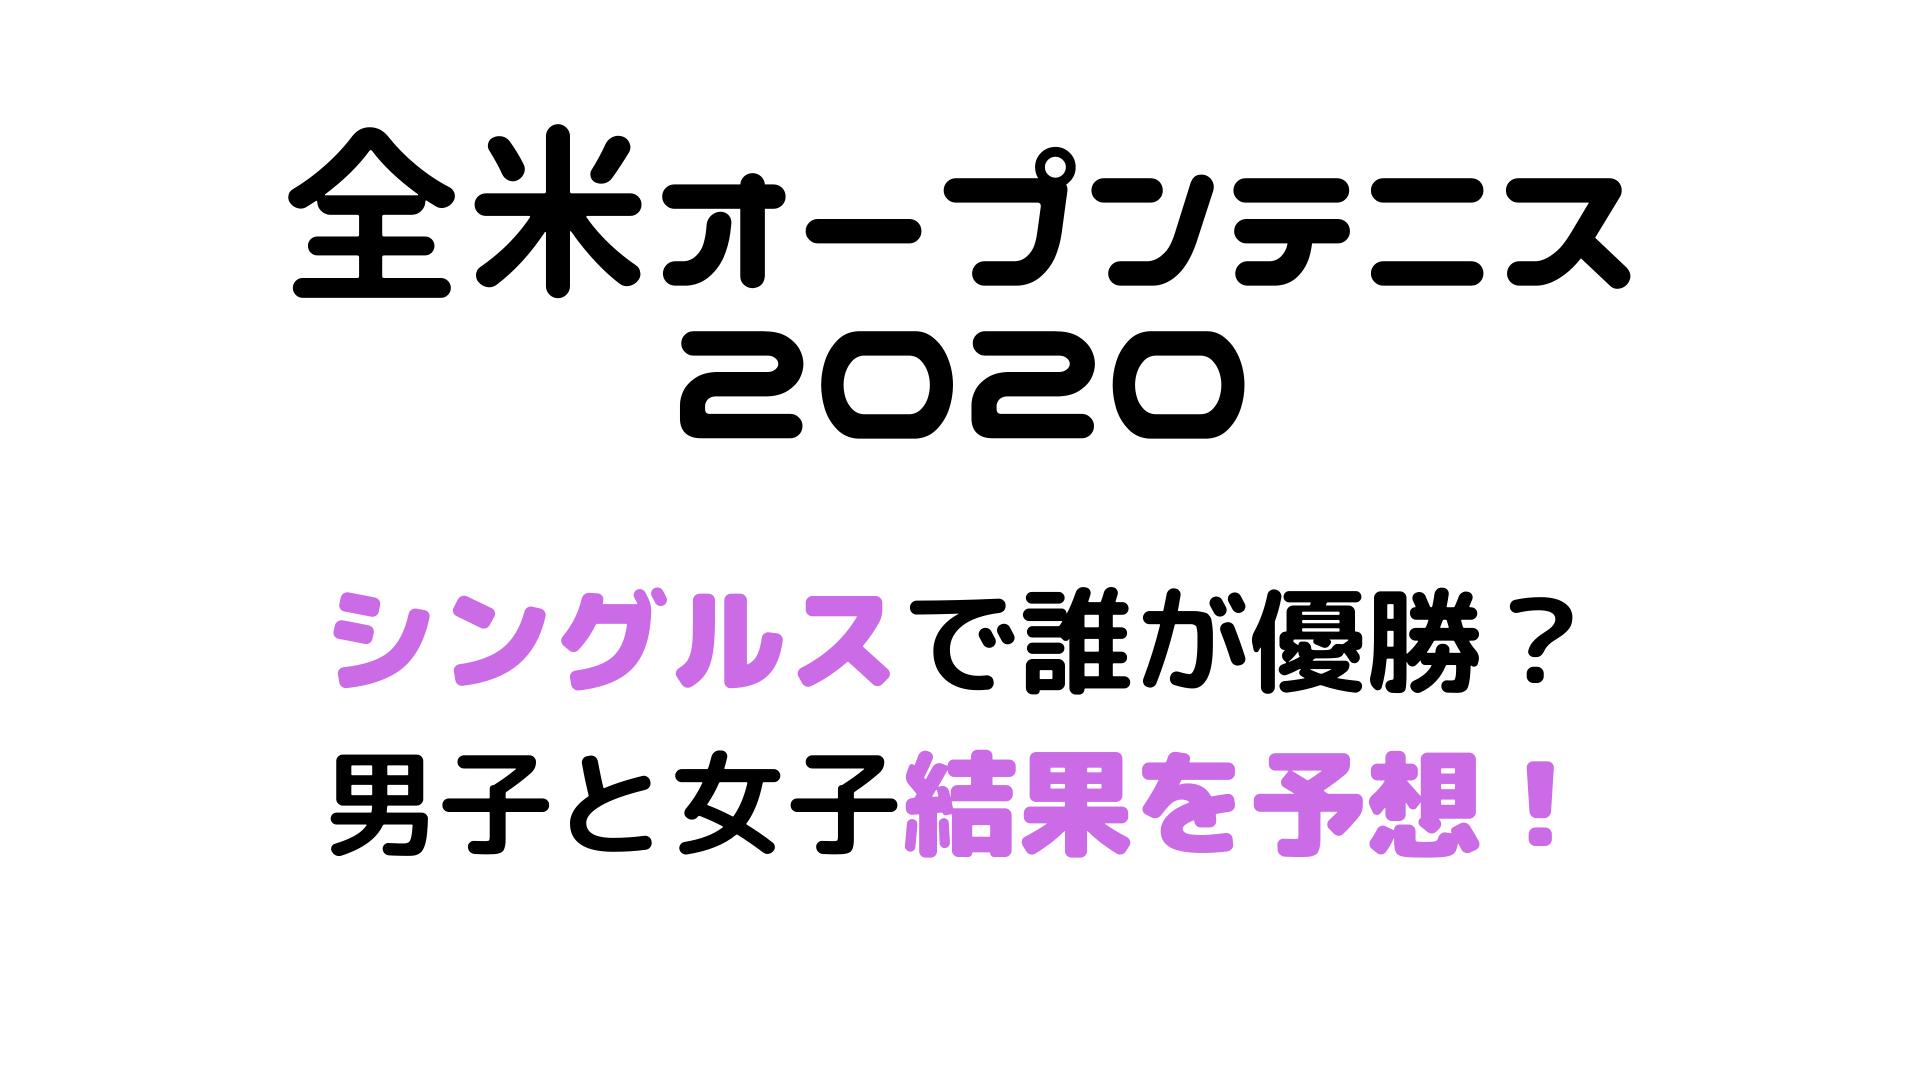 全米オープンテニス2020 シングルス優勝者予想!